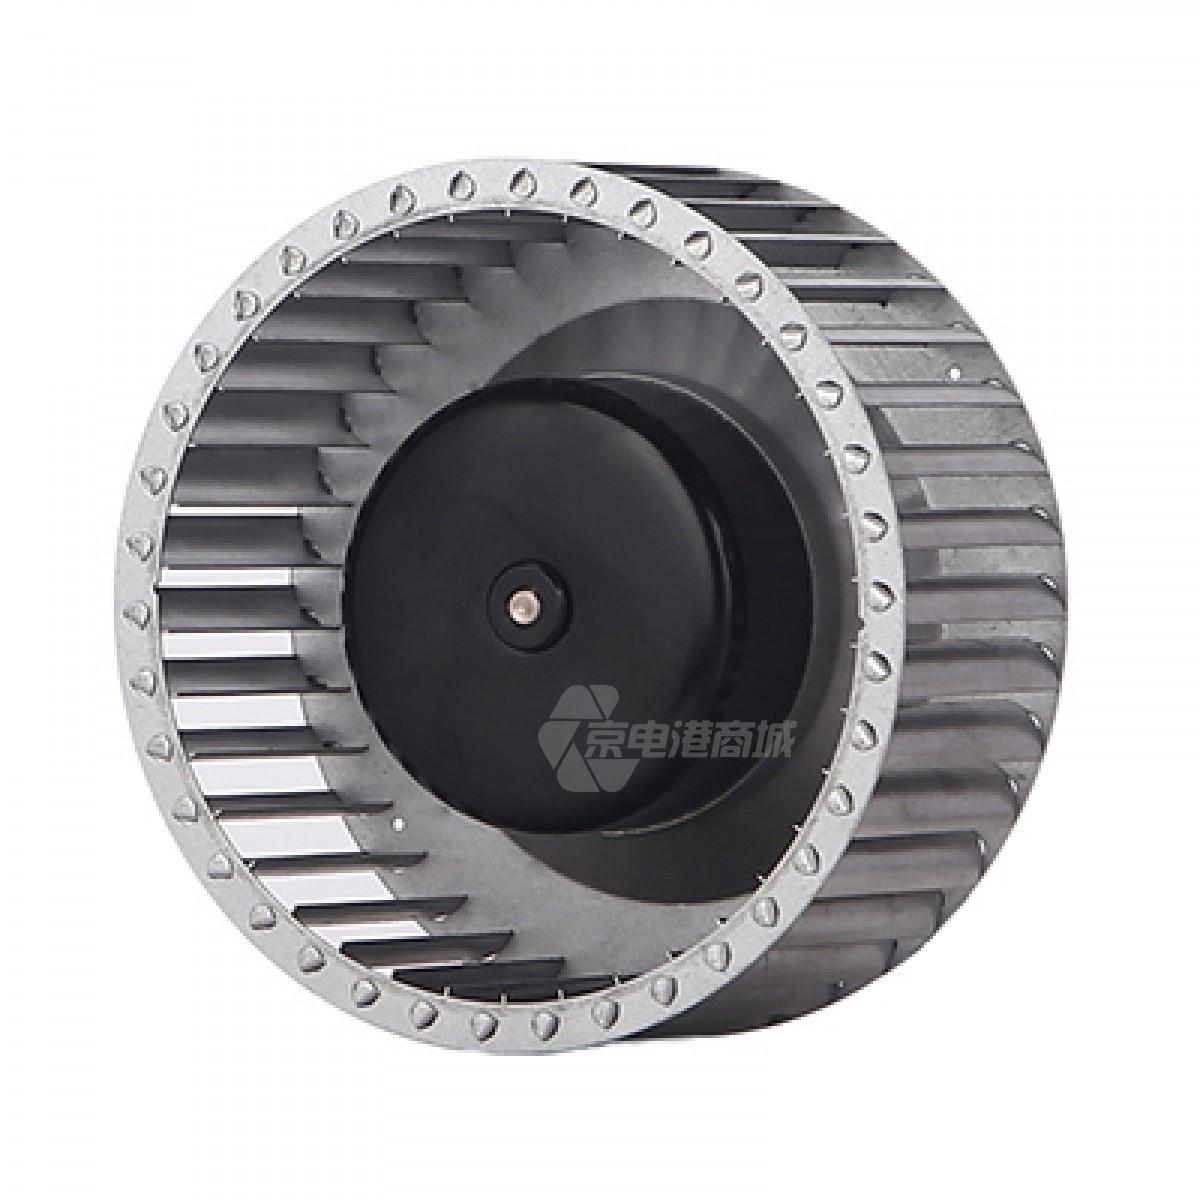 EC Centrifugal Fan 230VAC 177W 670m3/h Φ160 - Forward Curved PF3N160B2EH